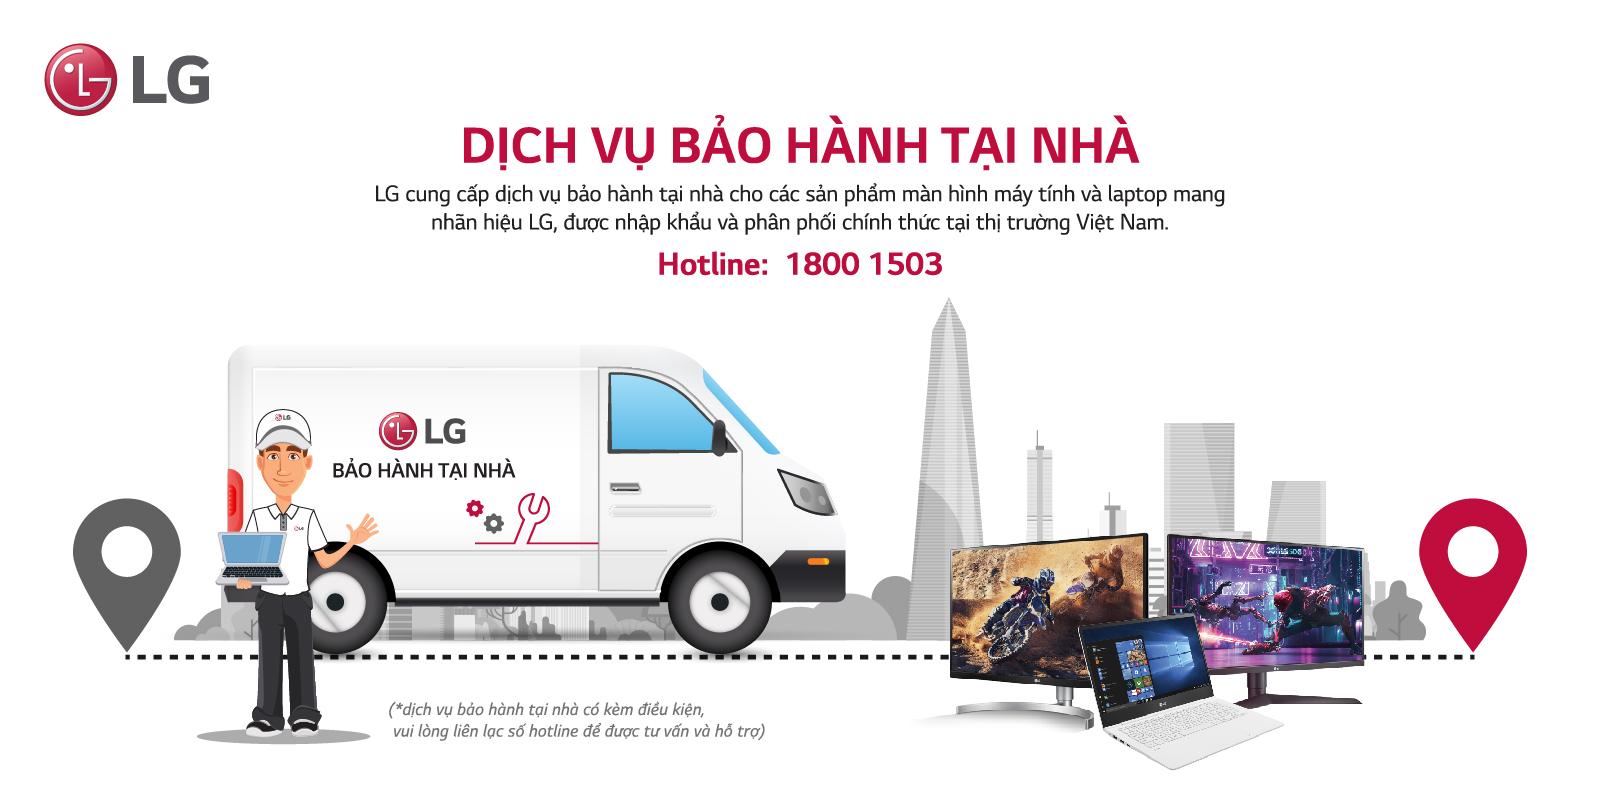 LG 24QP550-B có dich vụ bảo hành tại nhà